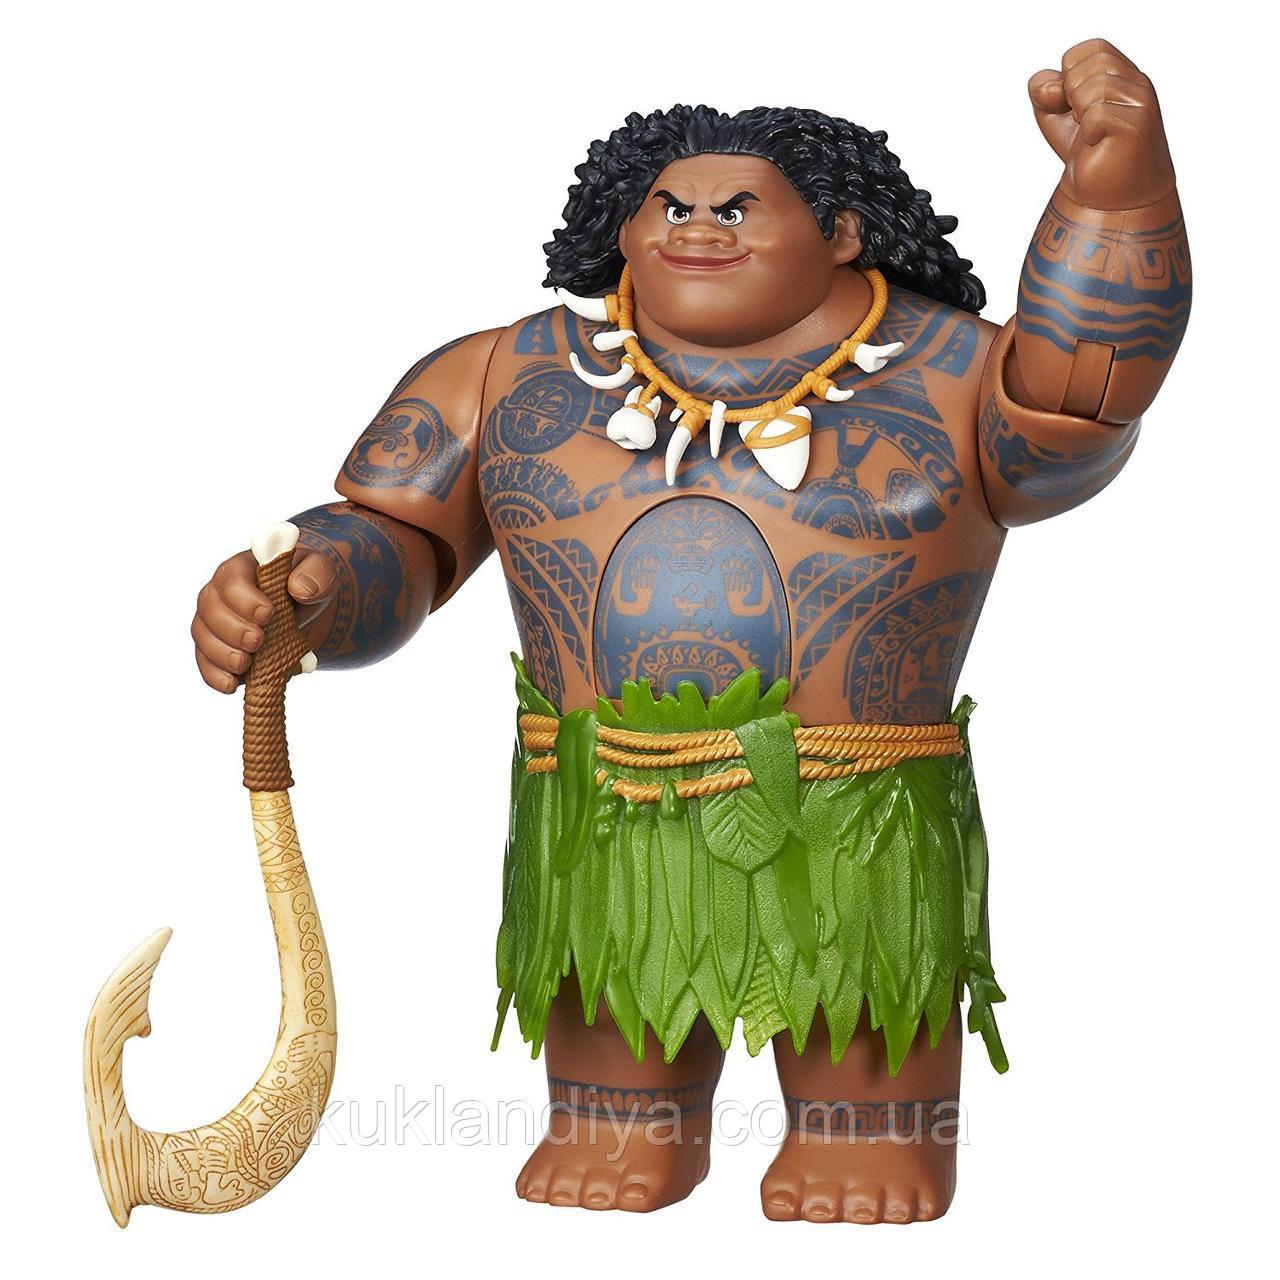 Интерактивная игрушка Мауи  Дисней из Моаны (Ваяна) Moana Hasbro 31 см